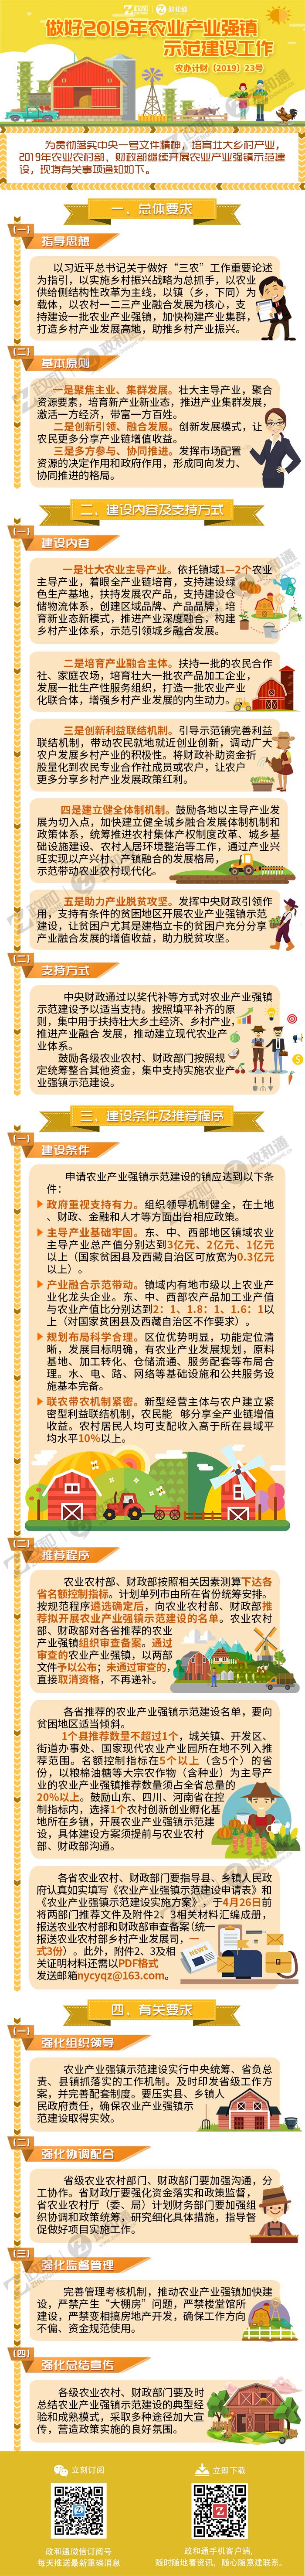 政和通 財政部發布做好2019年農業產業強鎮示范建設工作的通知.jpg